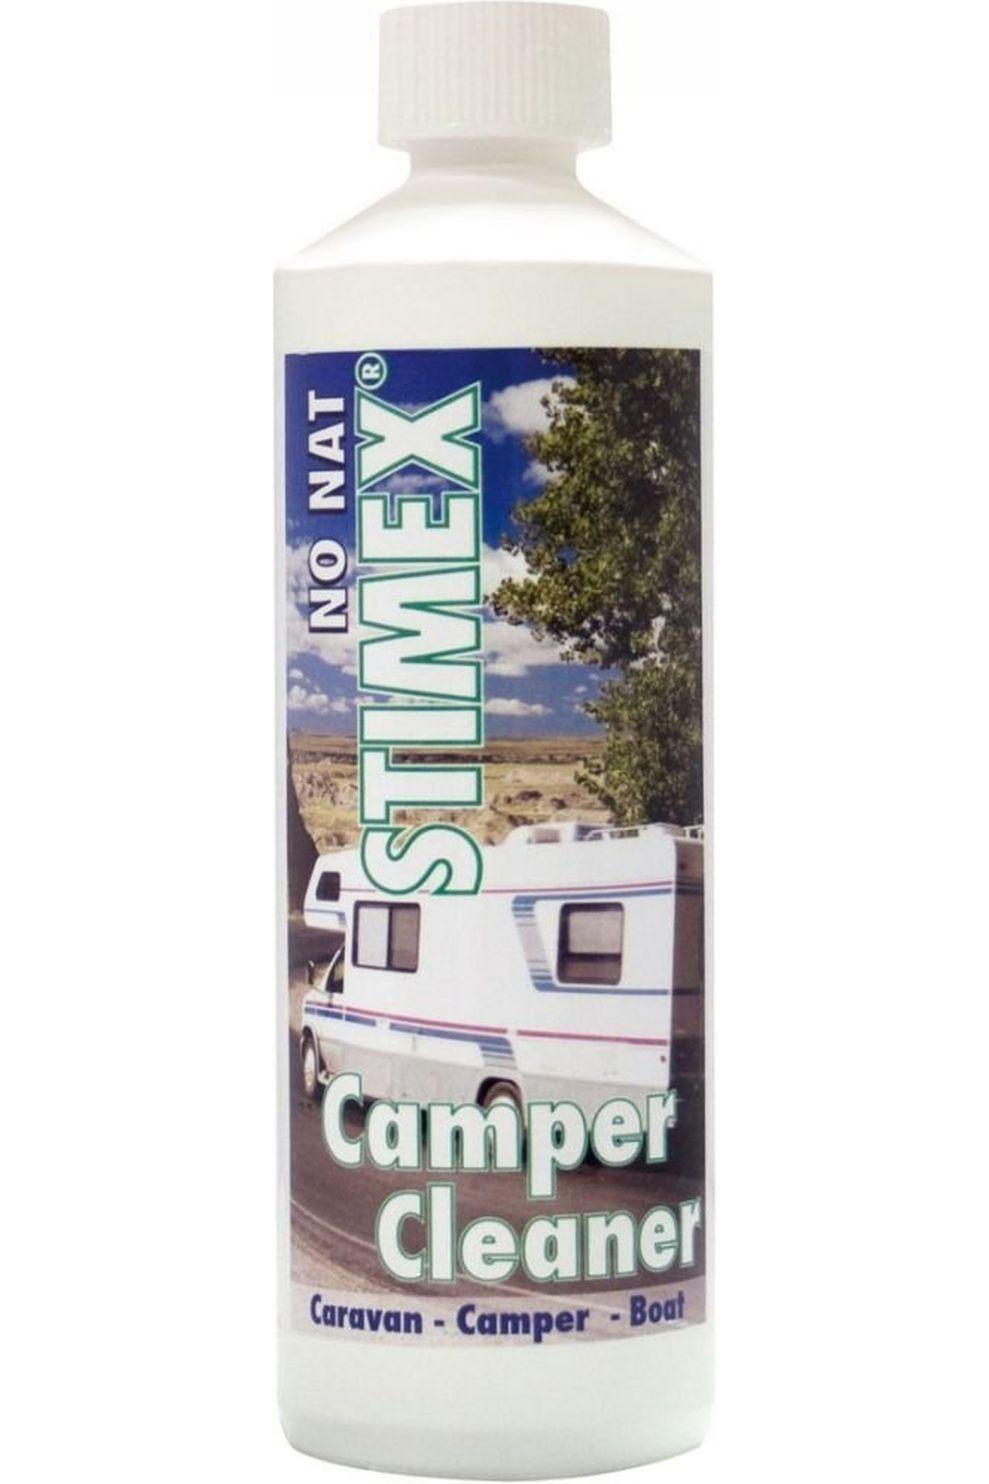 Stimex Onderhoud Onderhoudsmiddel Caravan/Camper/Boot Flacon 500 Ml - Transparant/Transparant